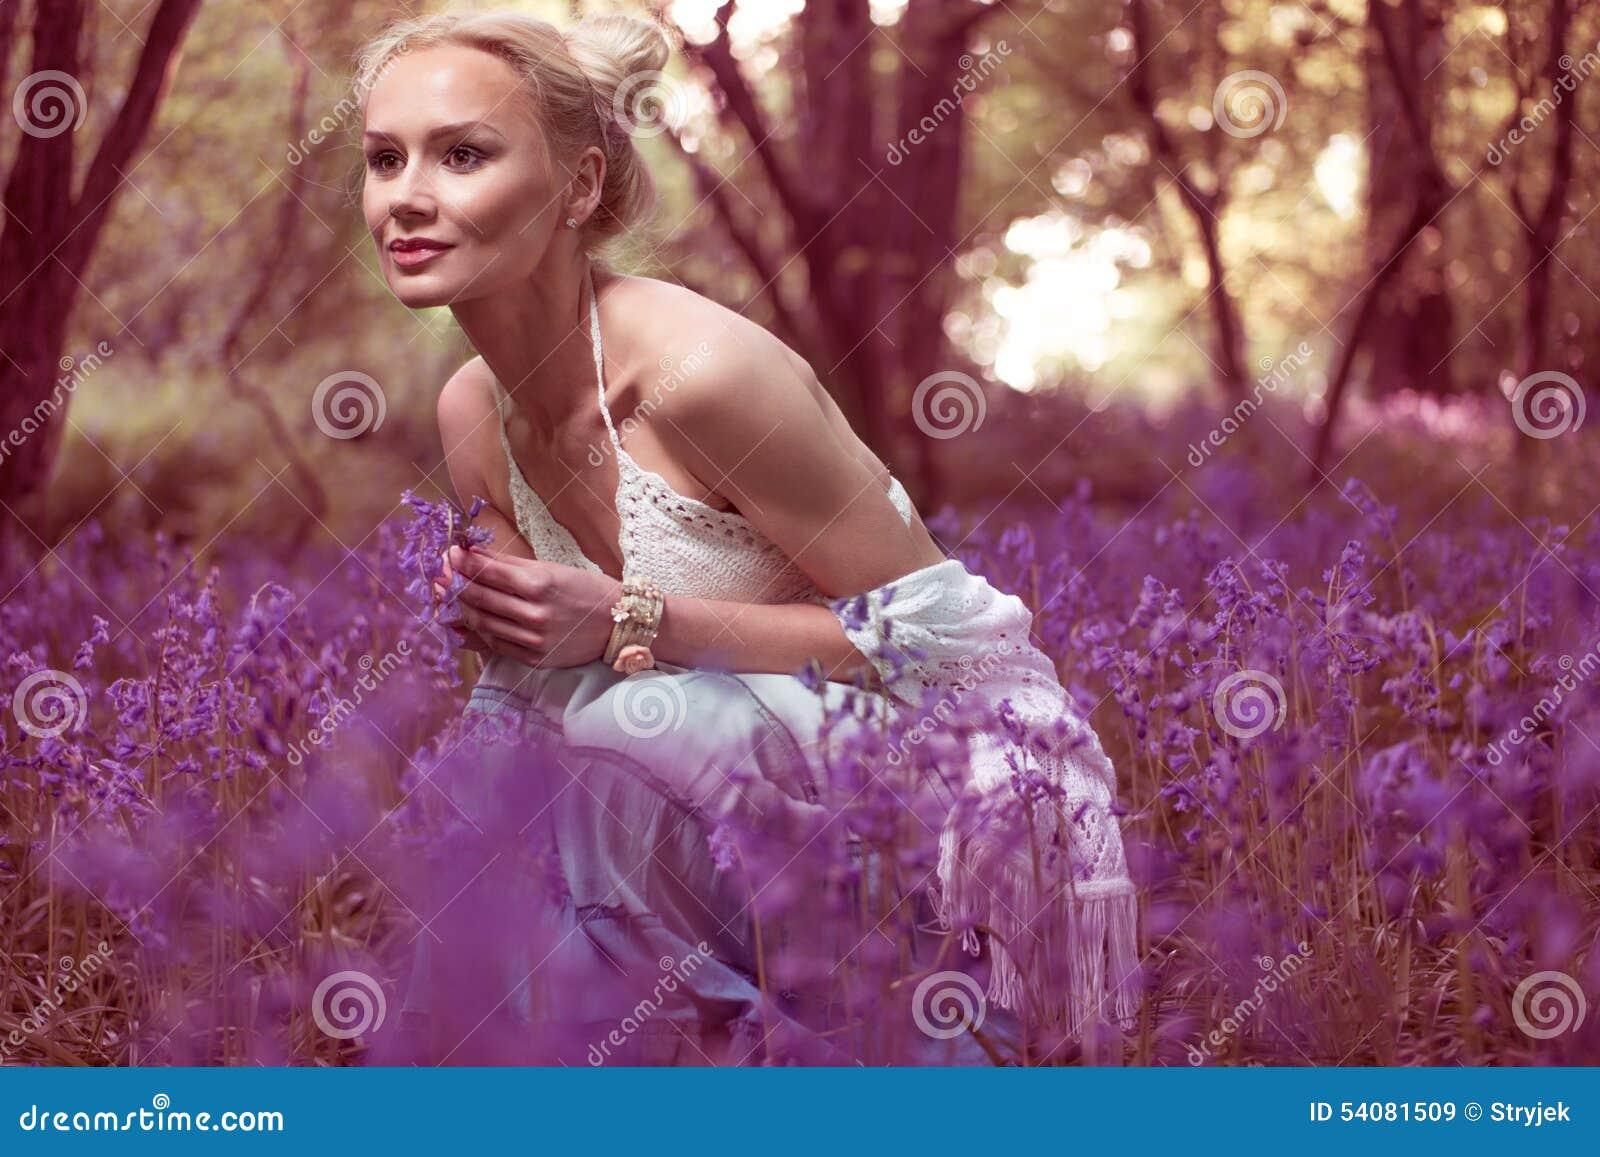 Artistiek portret van een meisje in een klokjebos